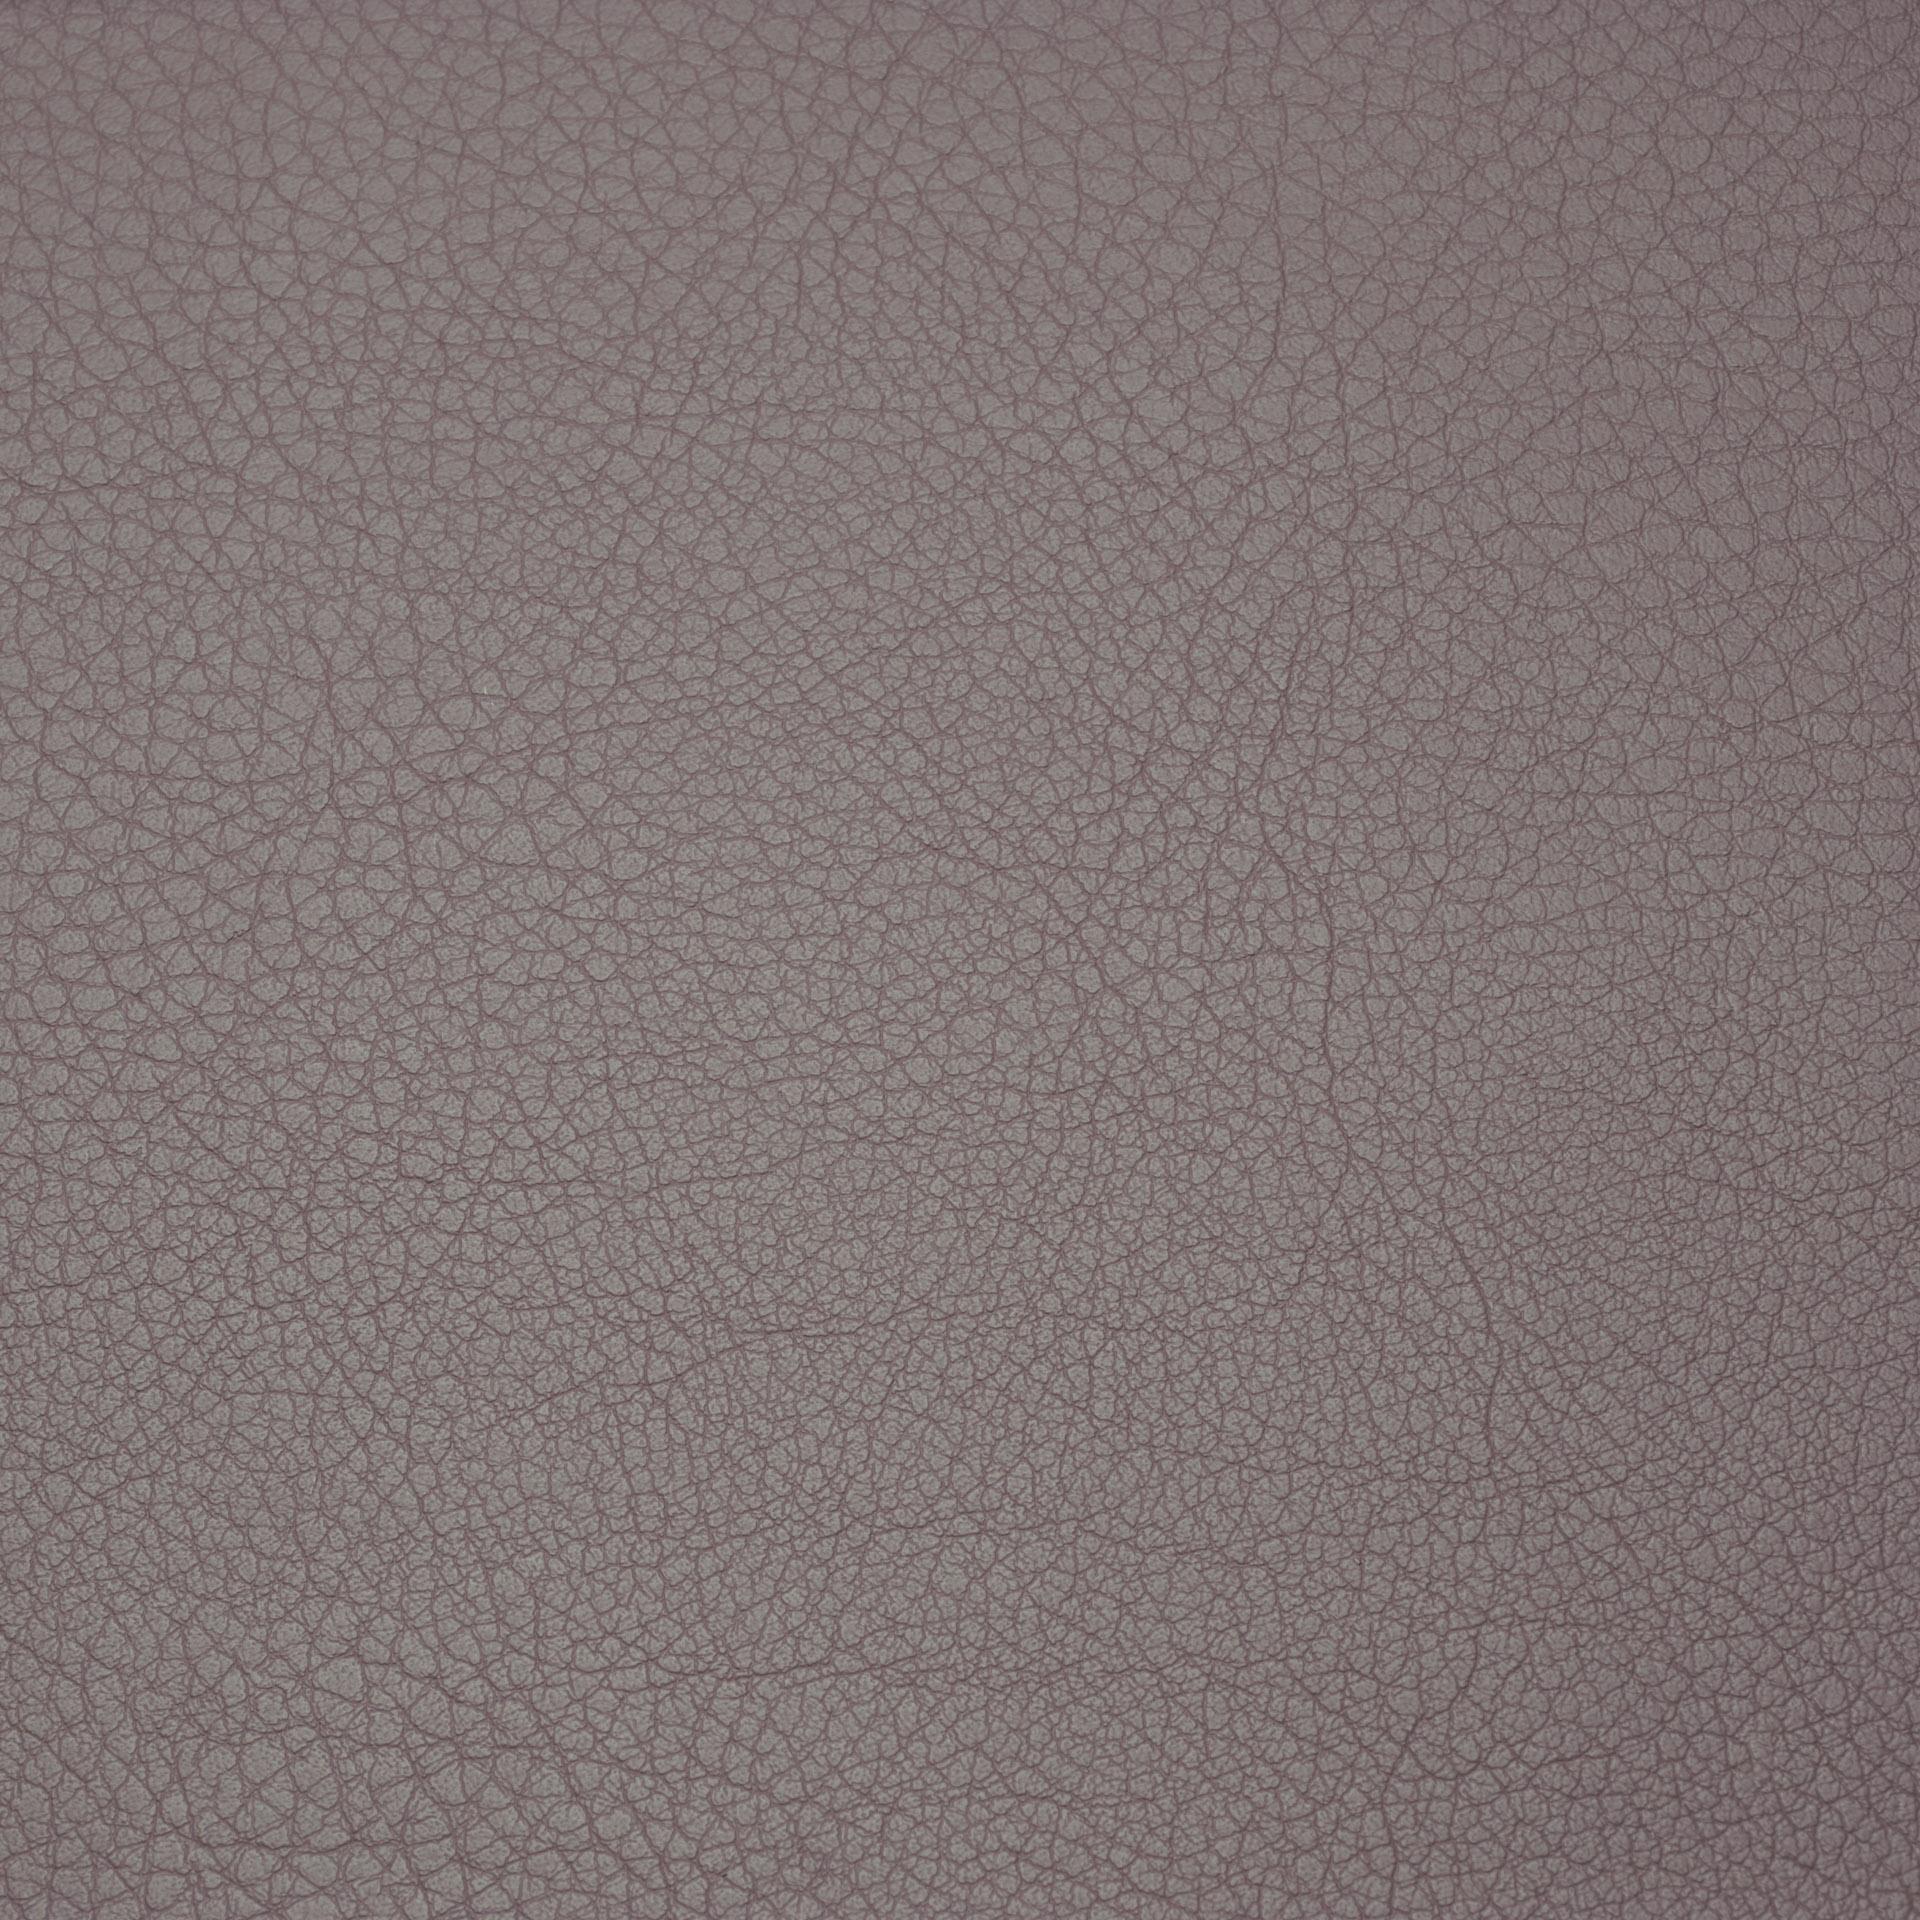 Коллекция ткани Софитель 11 Orchid,  купить ткань Кож зам для мебели Украина